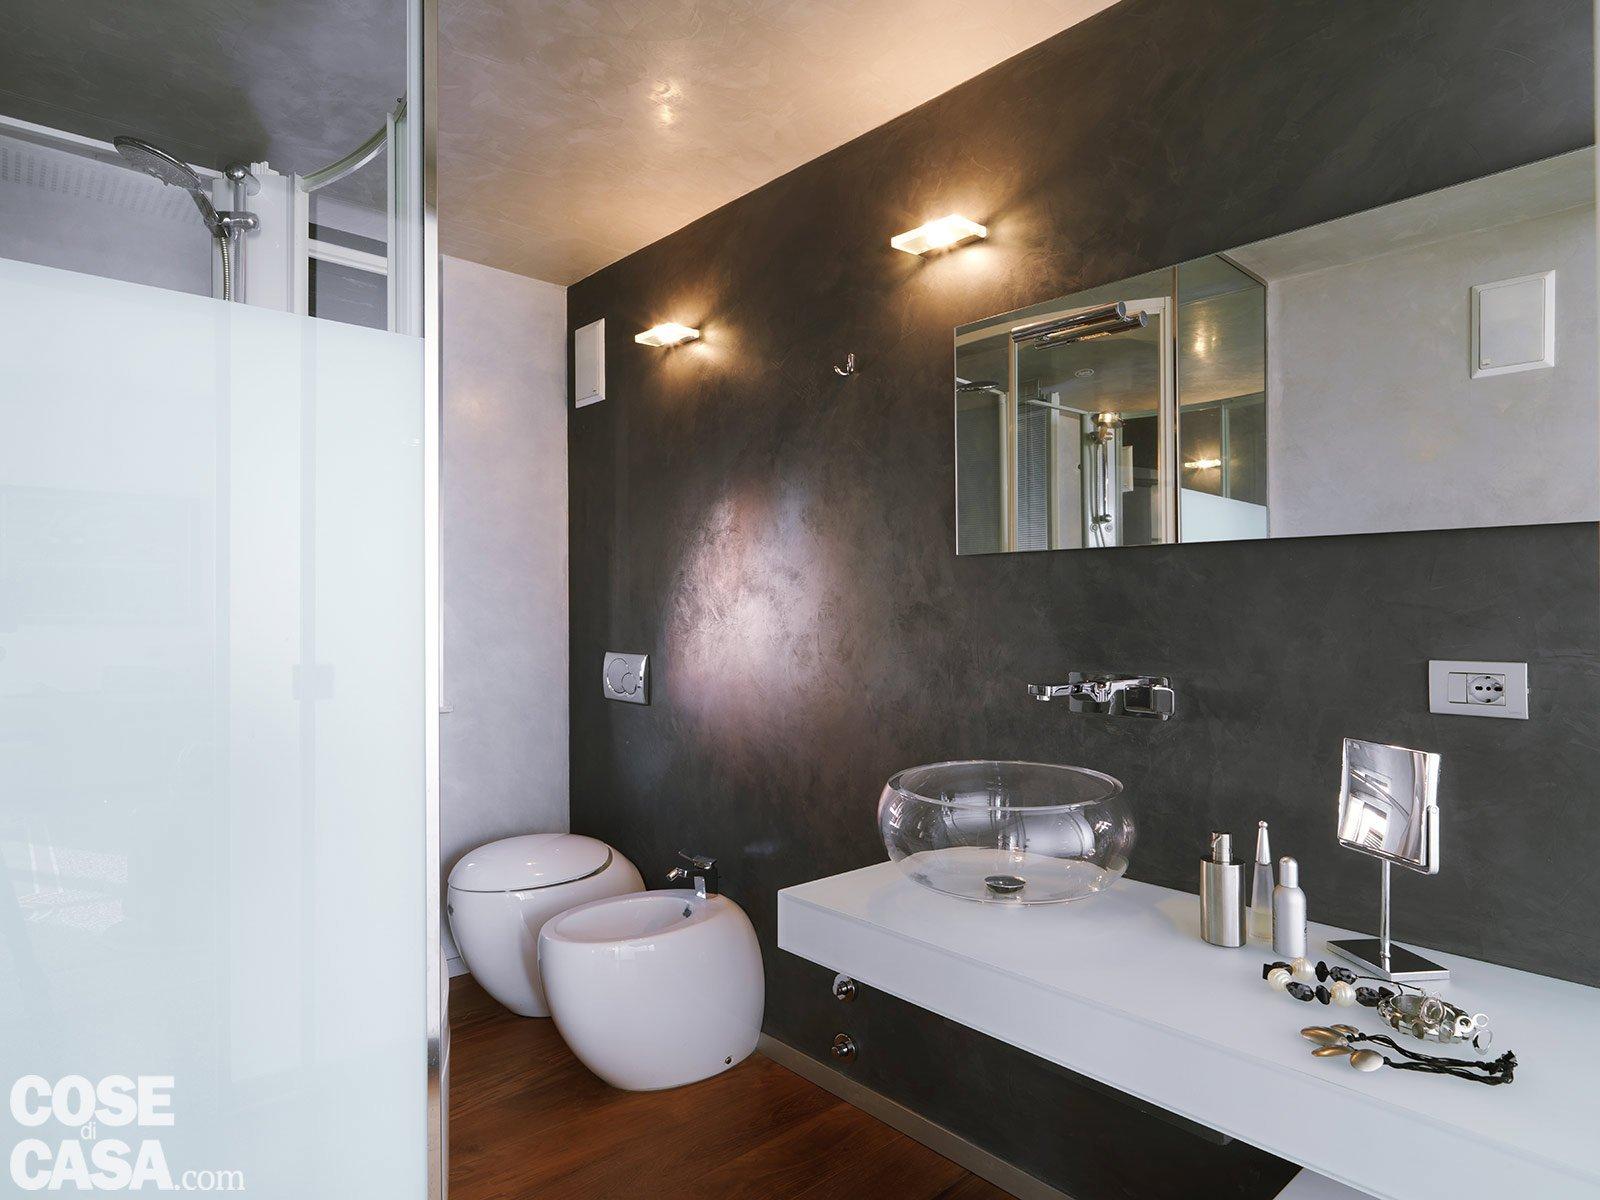 Casa soluzioni hi tech per interni anni 39 30 cose di casa - Bagno prefabbricato per interni ...